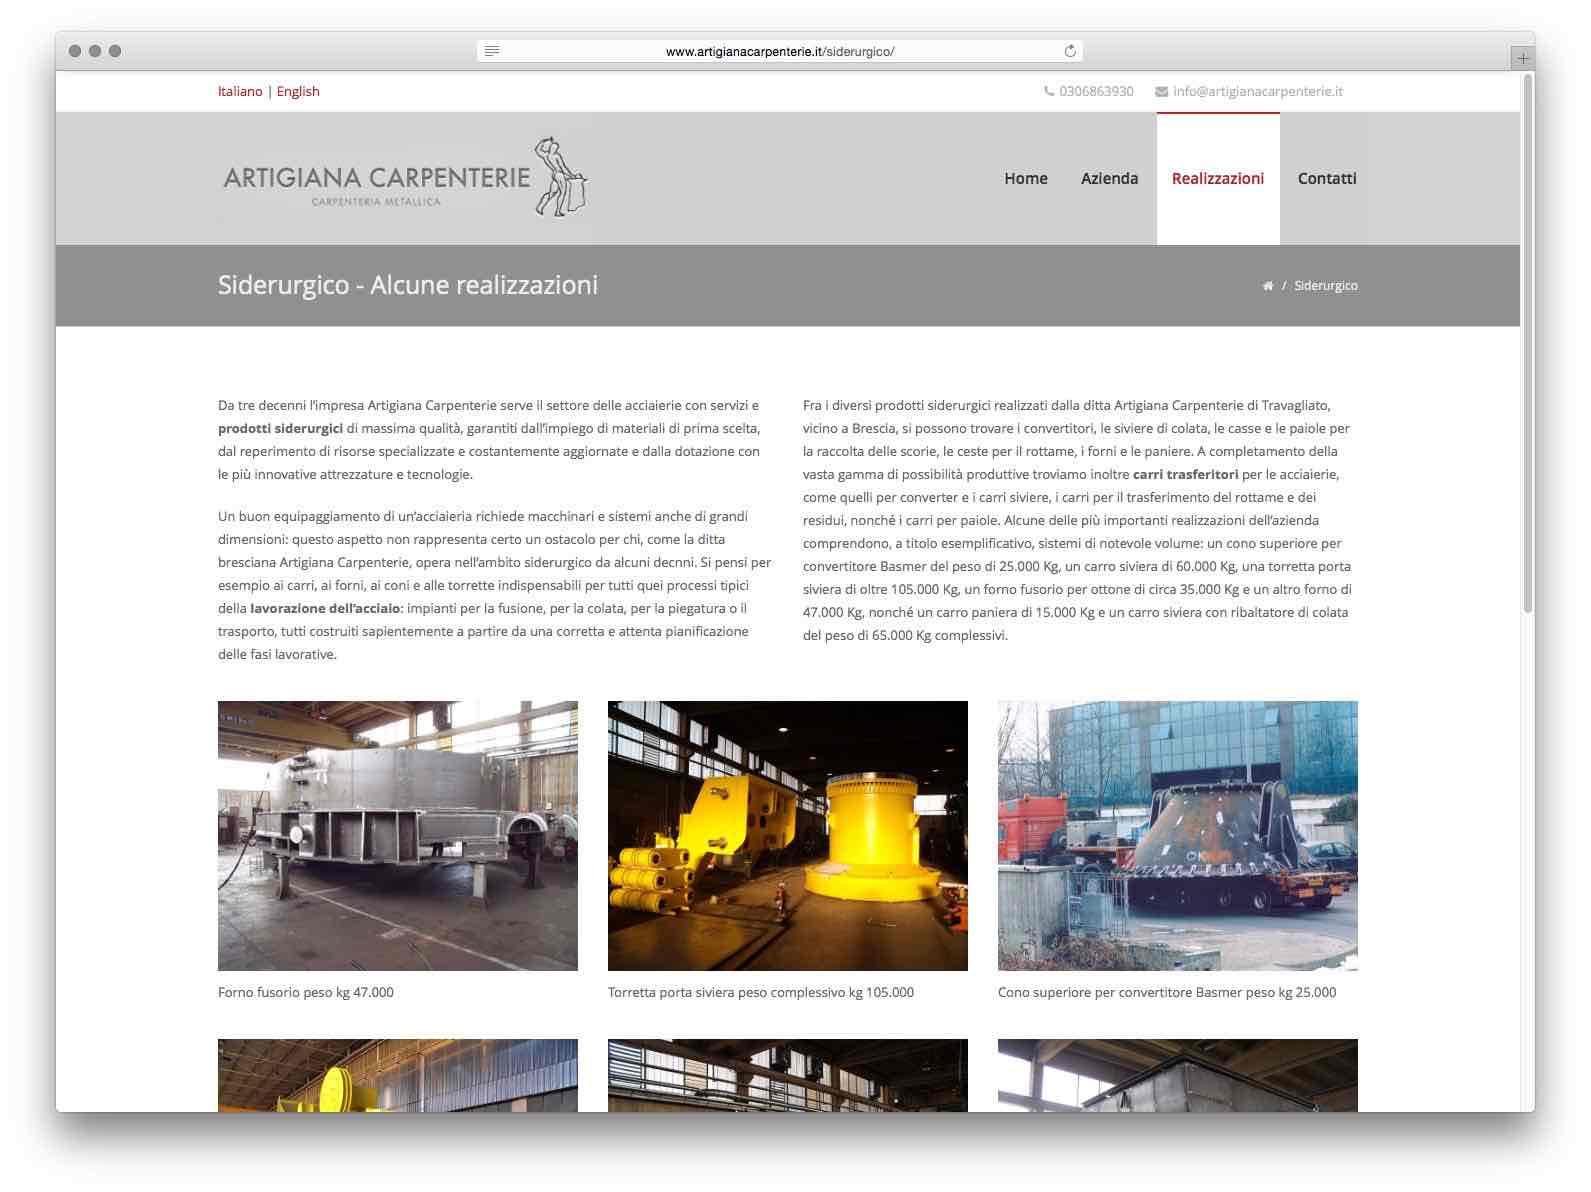 Creazione Siti Web Brescia - Sito Web Artigiana Carpenterie